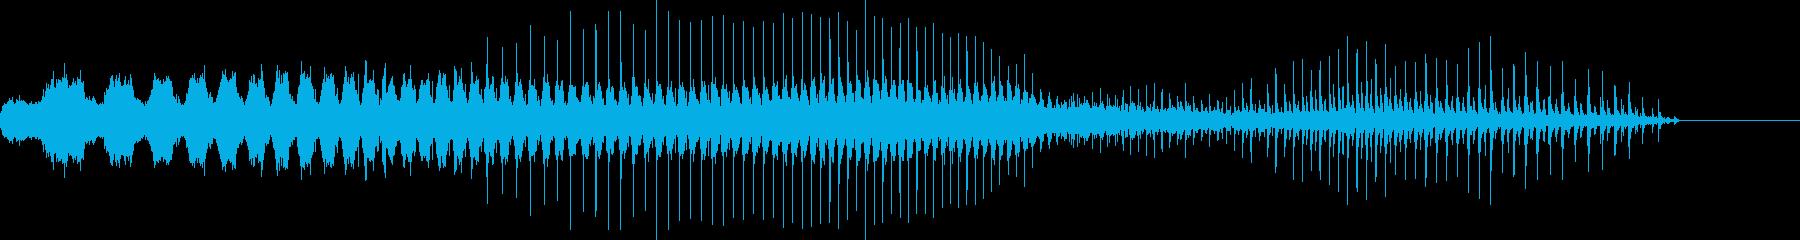 蒸気機関-MUNKTELL1889...の再生済みの波形